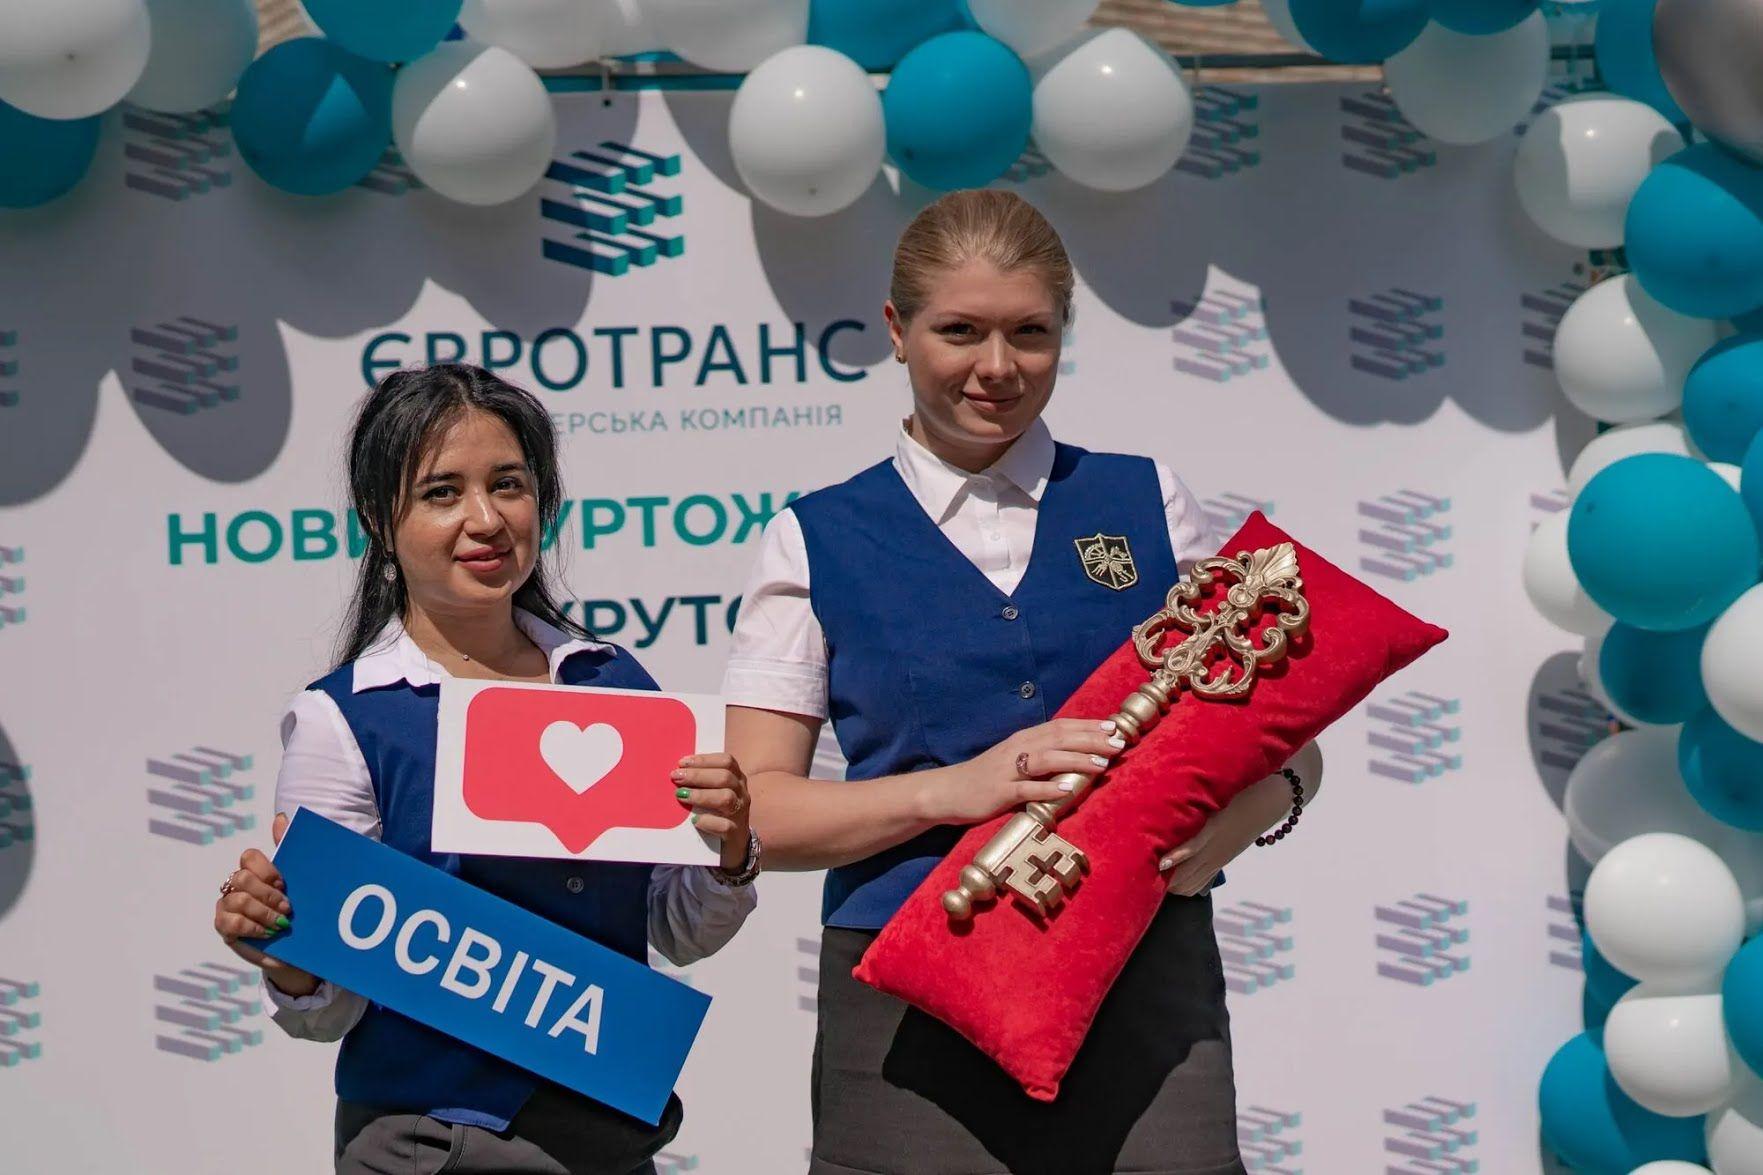 """""""Євротранс"""" завершив будівництво студентського гуртожитку в Києві. Фото"""